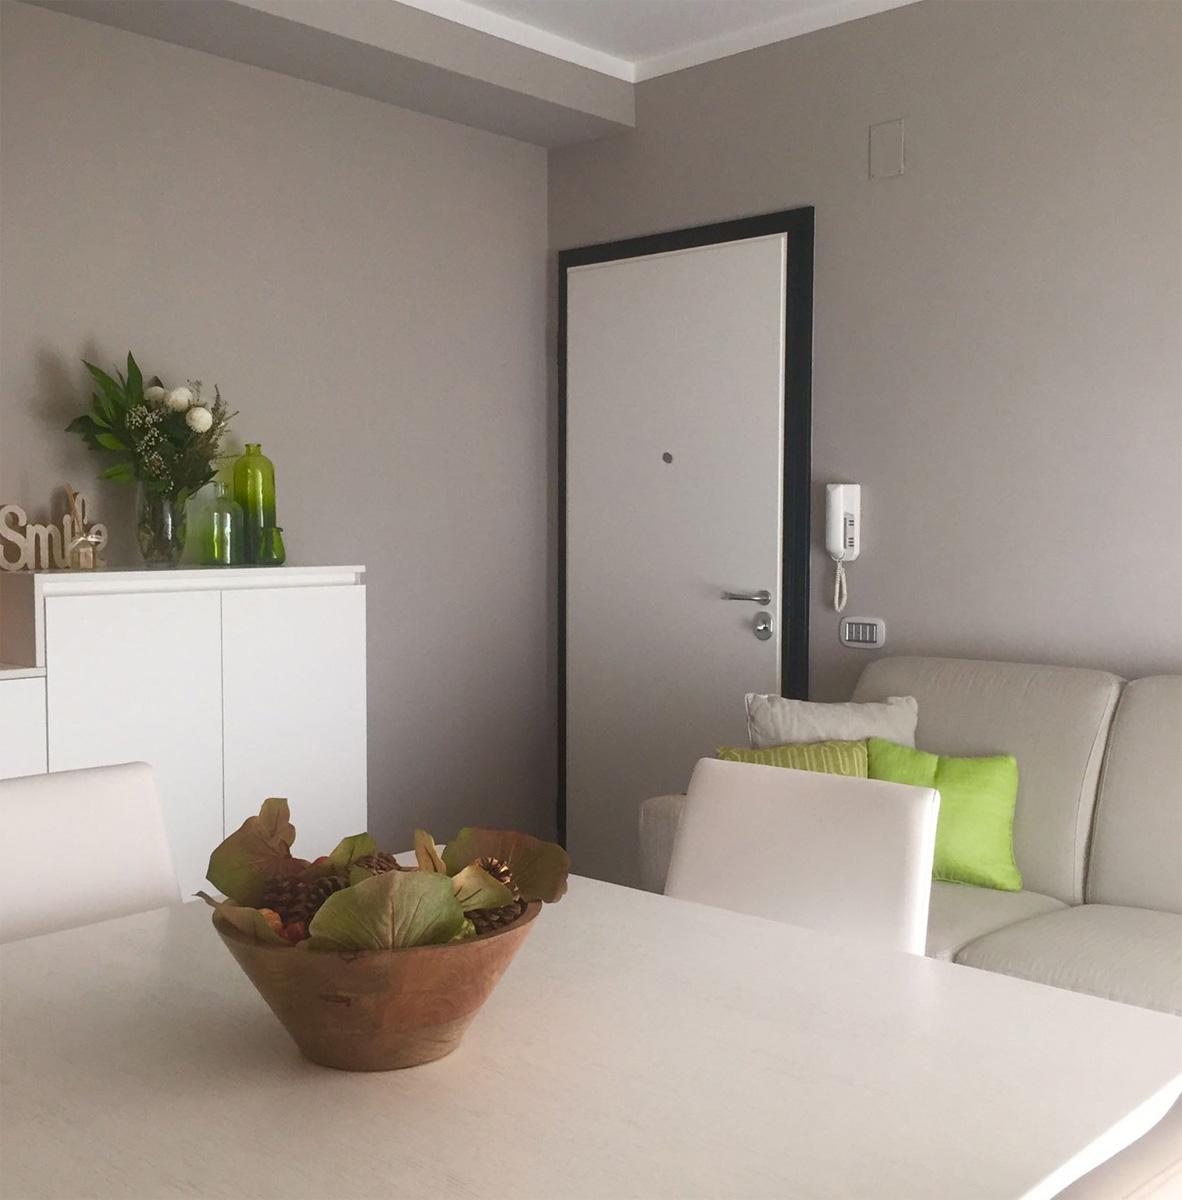 Casa GL2 - Soggiorno con tavolo in legno bianco, divani e pareti con colore ton sur ton - Tommaso Vecci